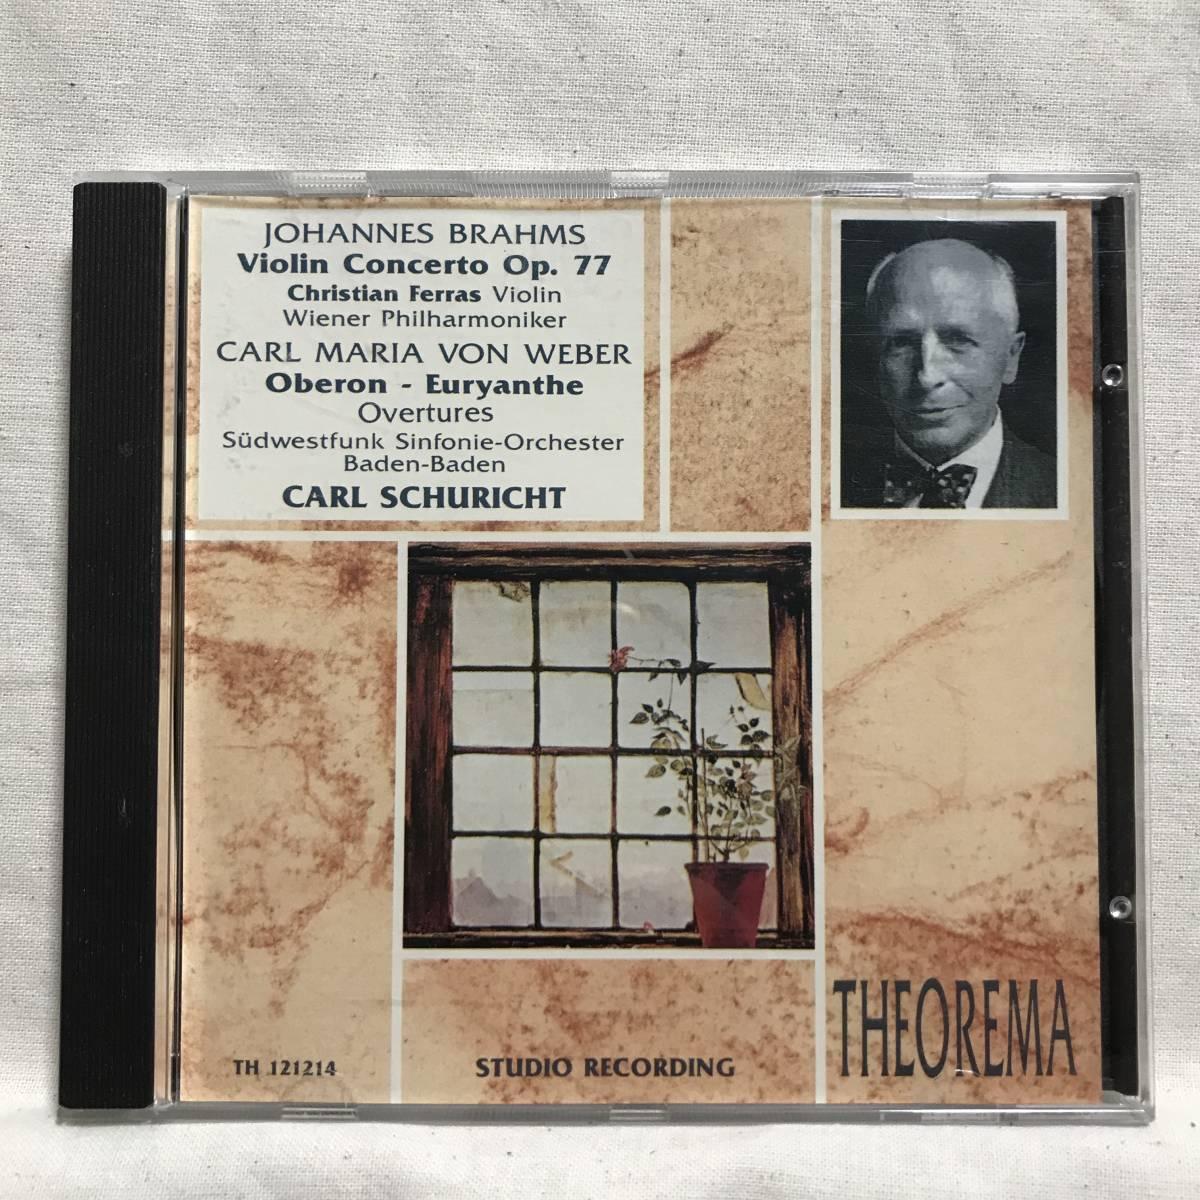 フェラス (Vn) / ブラームス:ヴァイオリン協奏曲 / シューリヒト &ウィーン・フィル●CEDAR (DECCA音源) ドイツ盤   _画像1